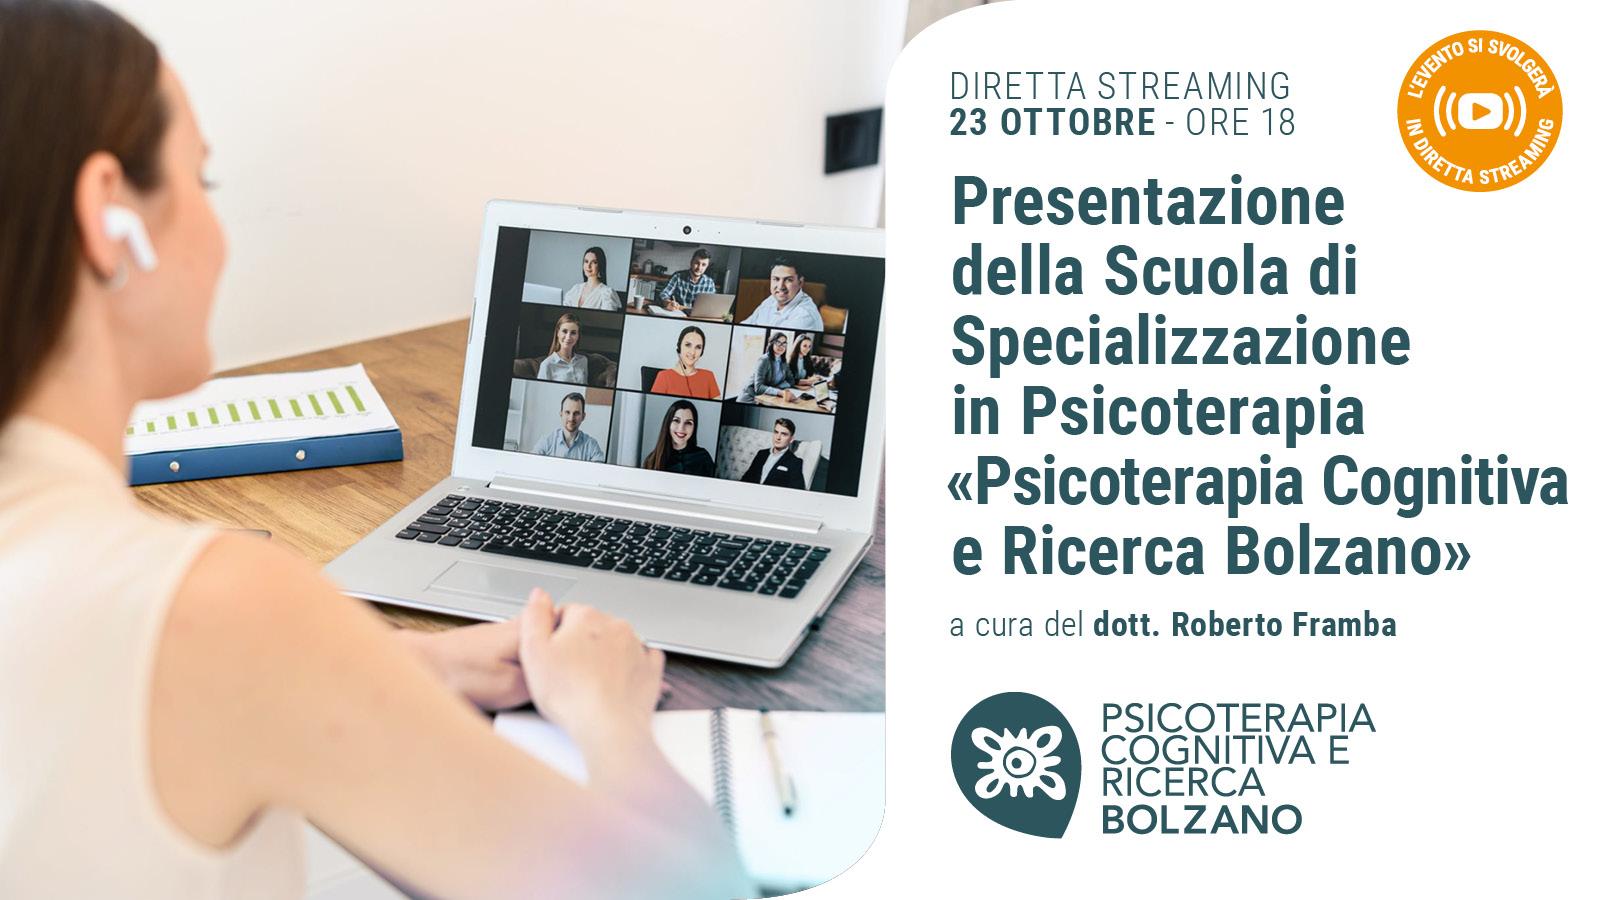 BOLZANO - 201023 - Presentazione Scuola - Banner